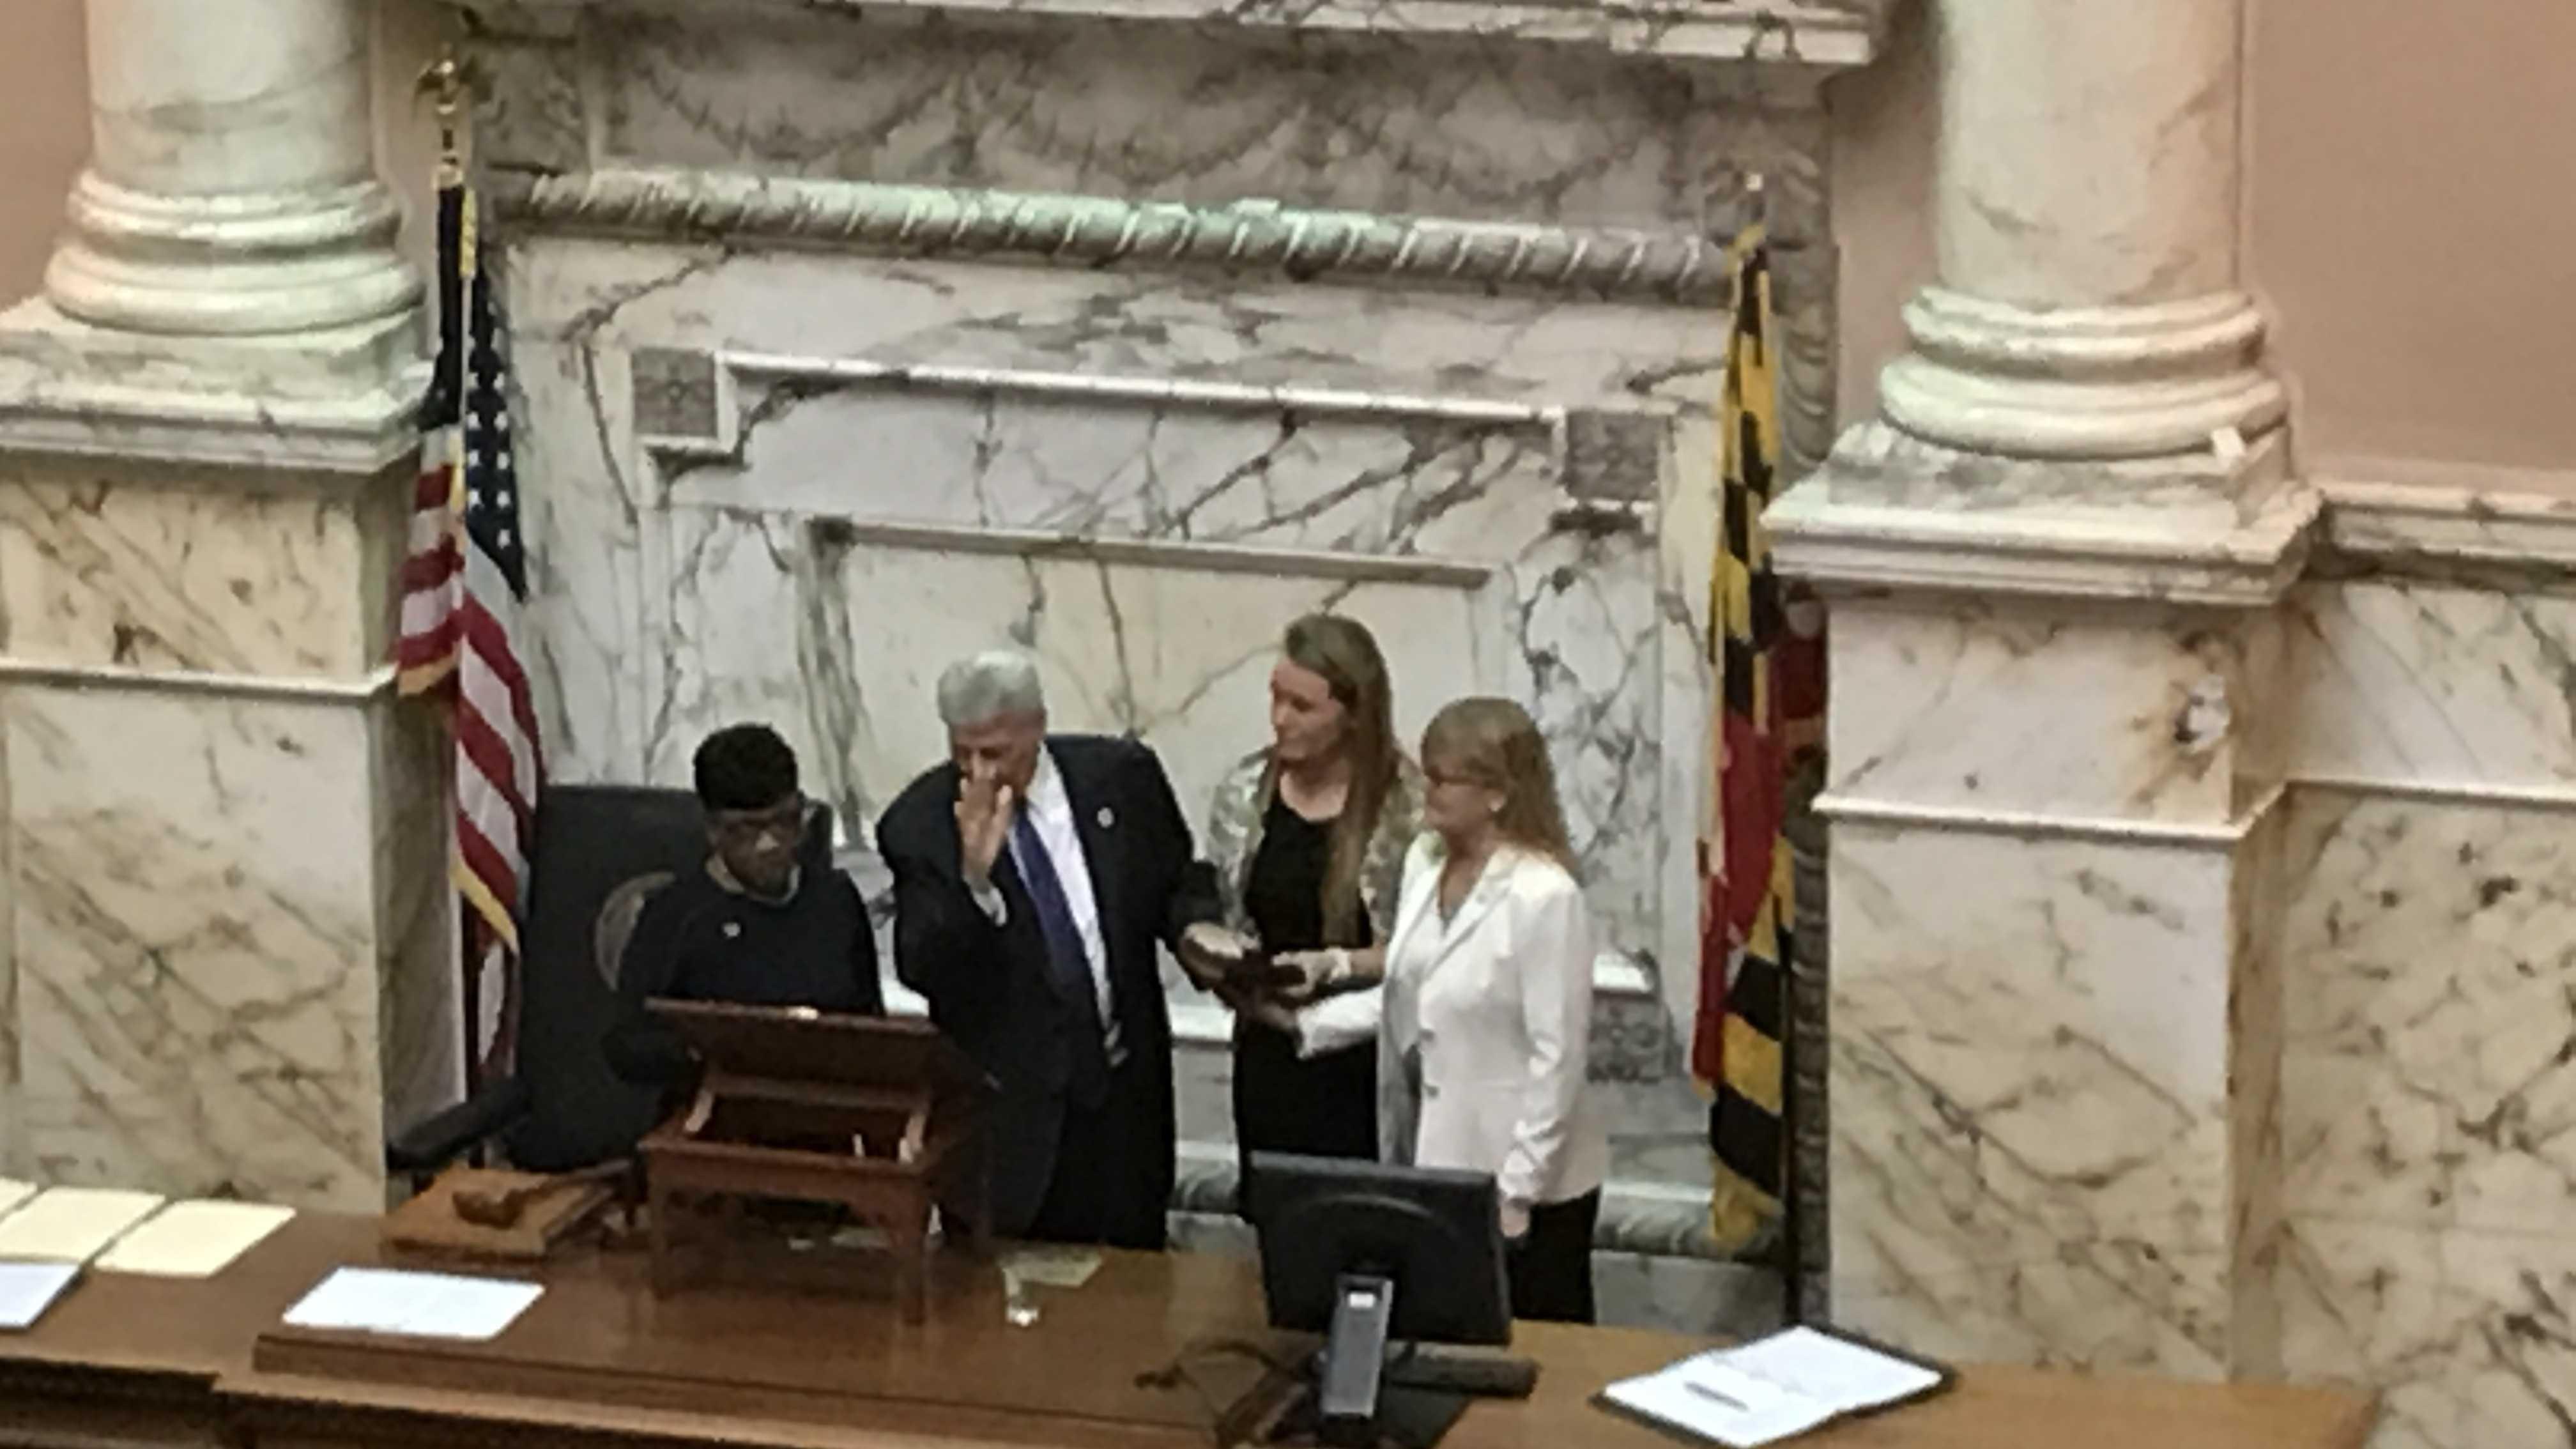 Michael Busch sworn in as Speaker